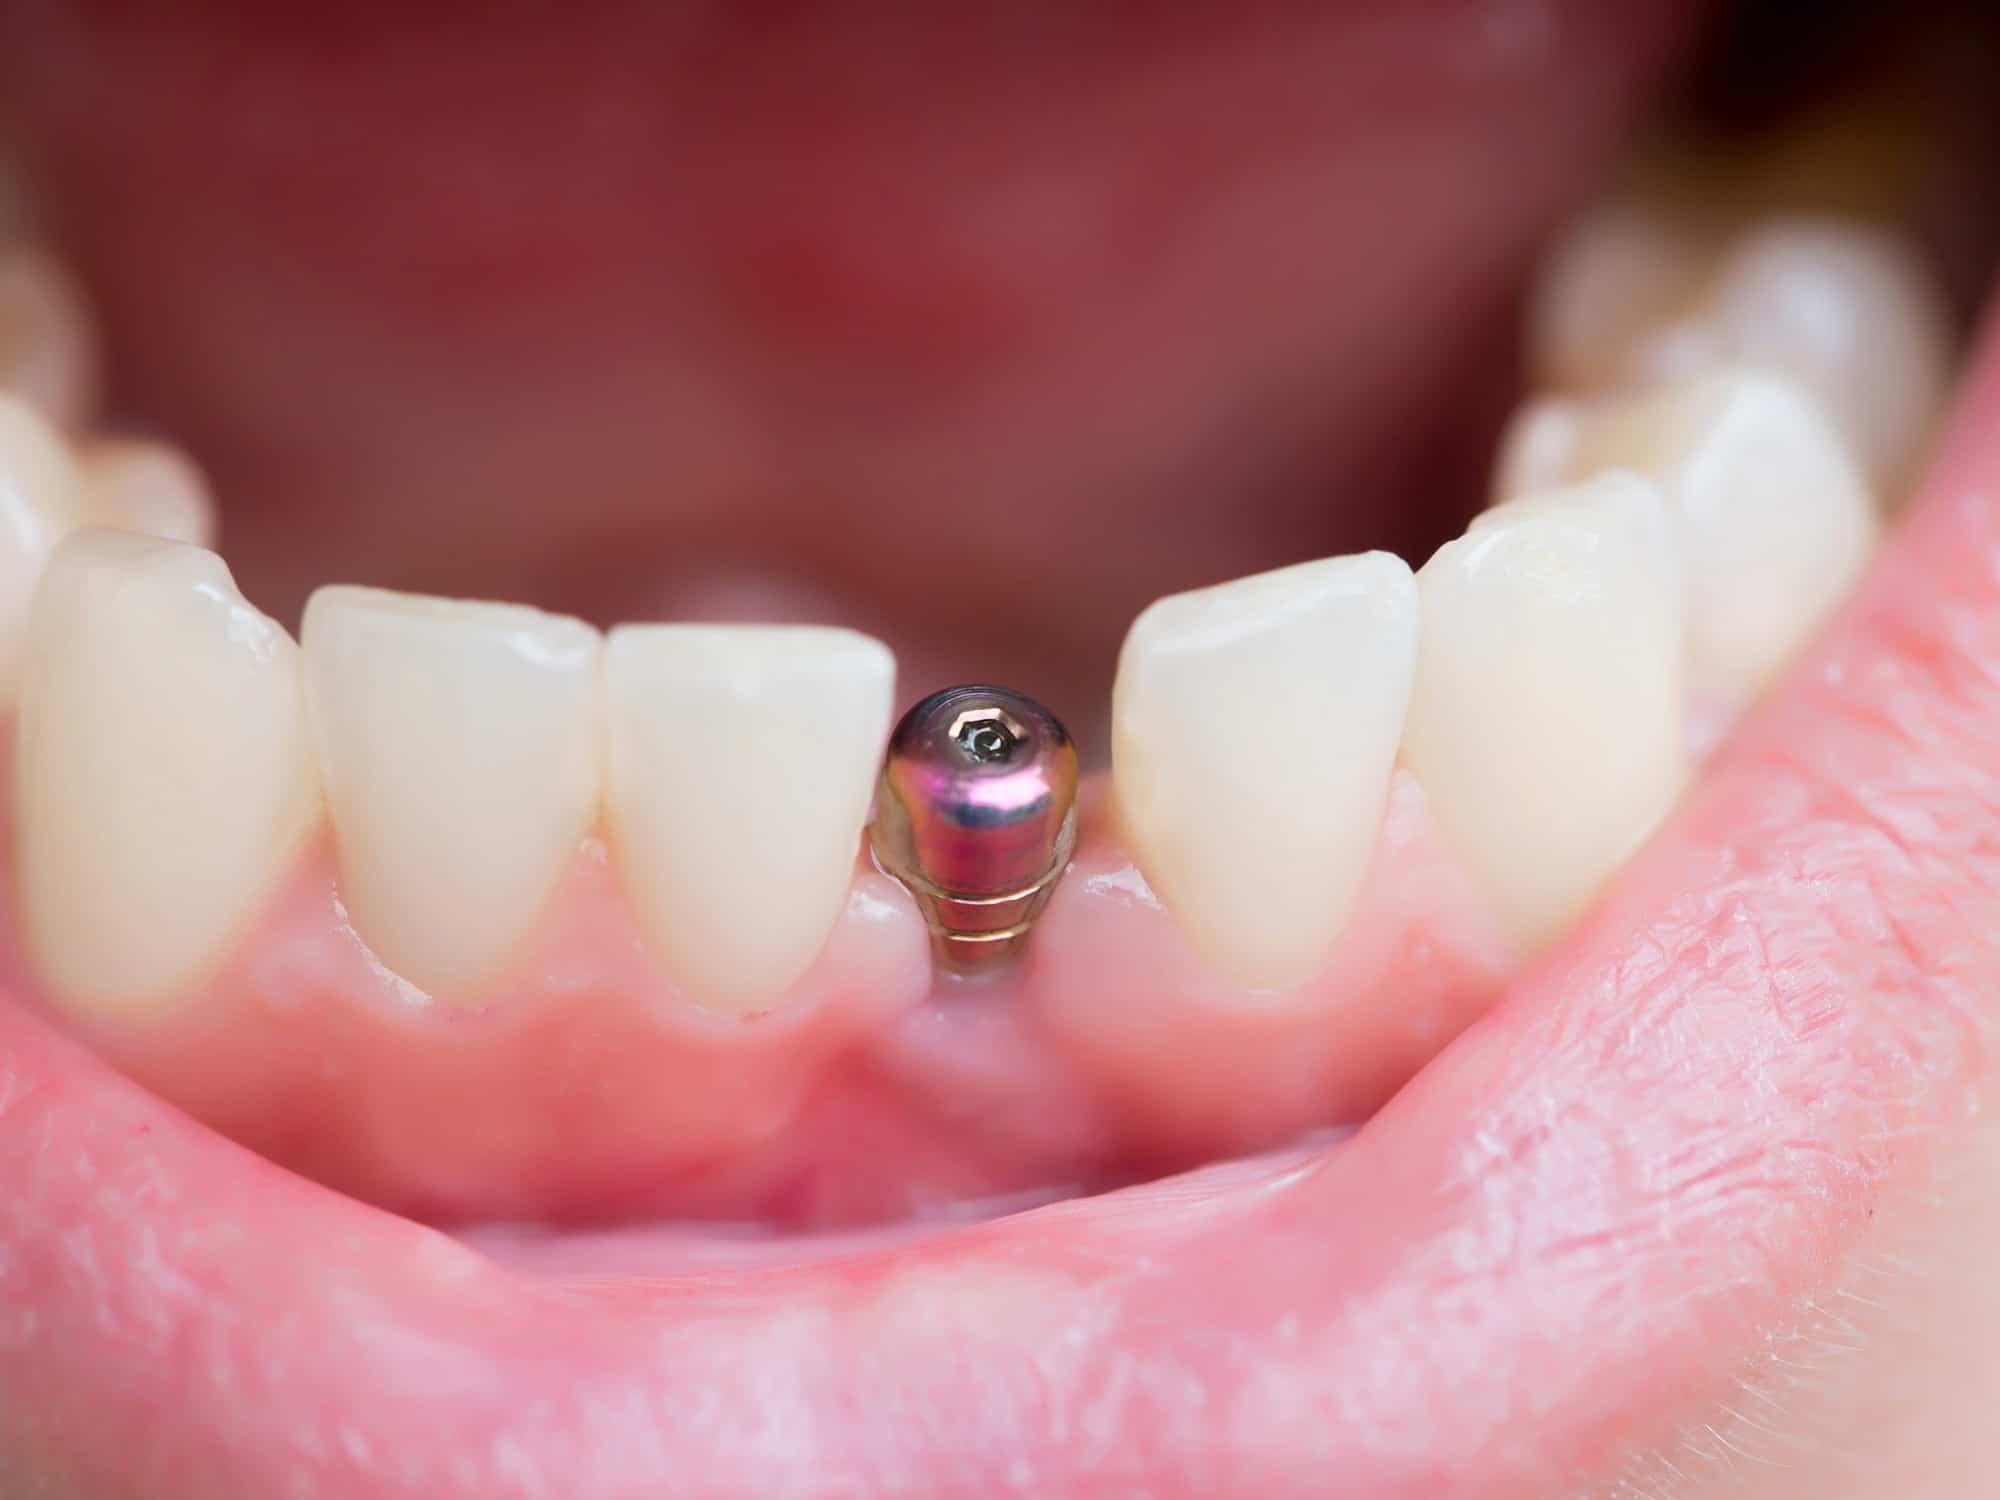 Suites opératoires aux implants dentaires